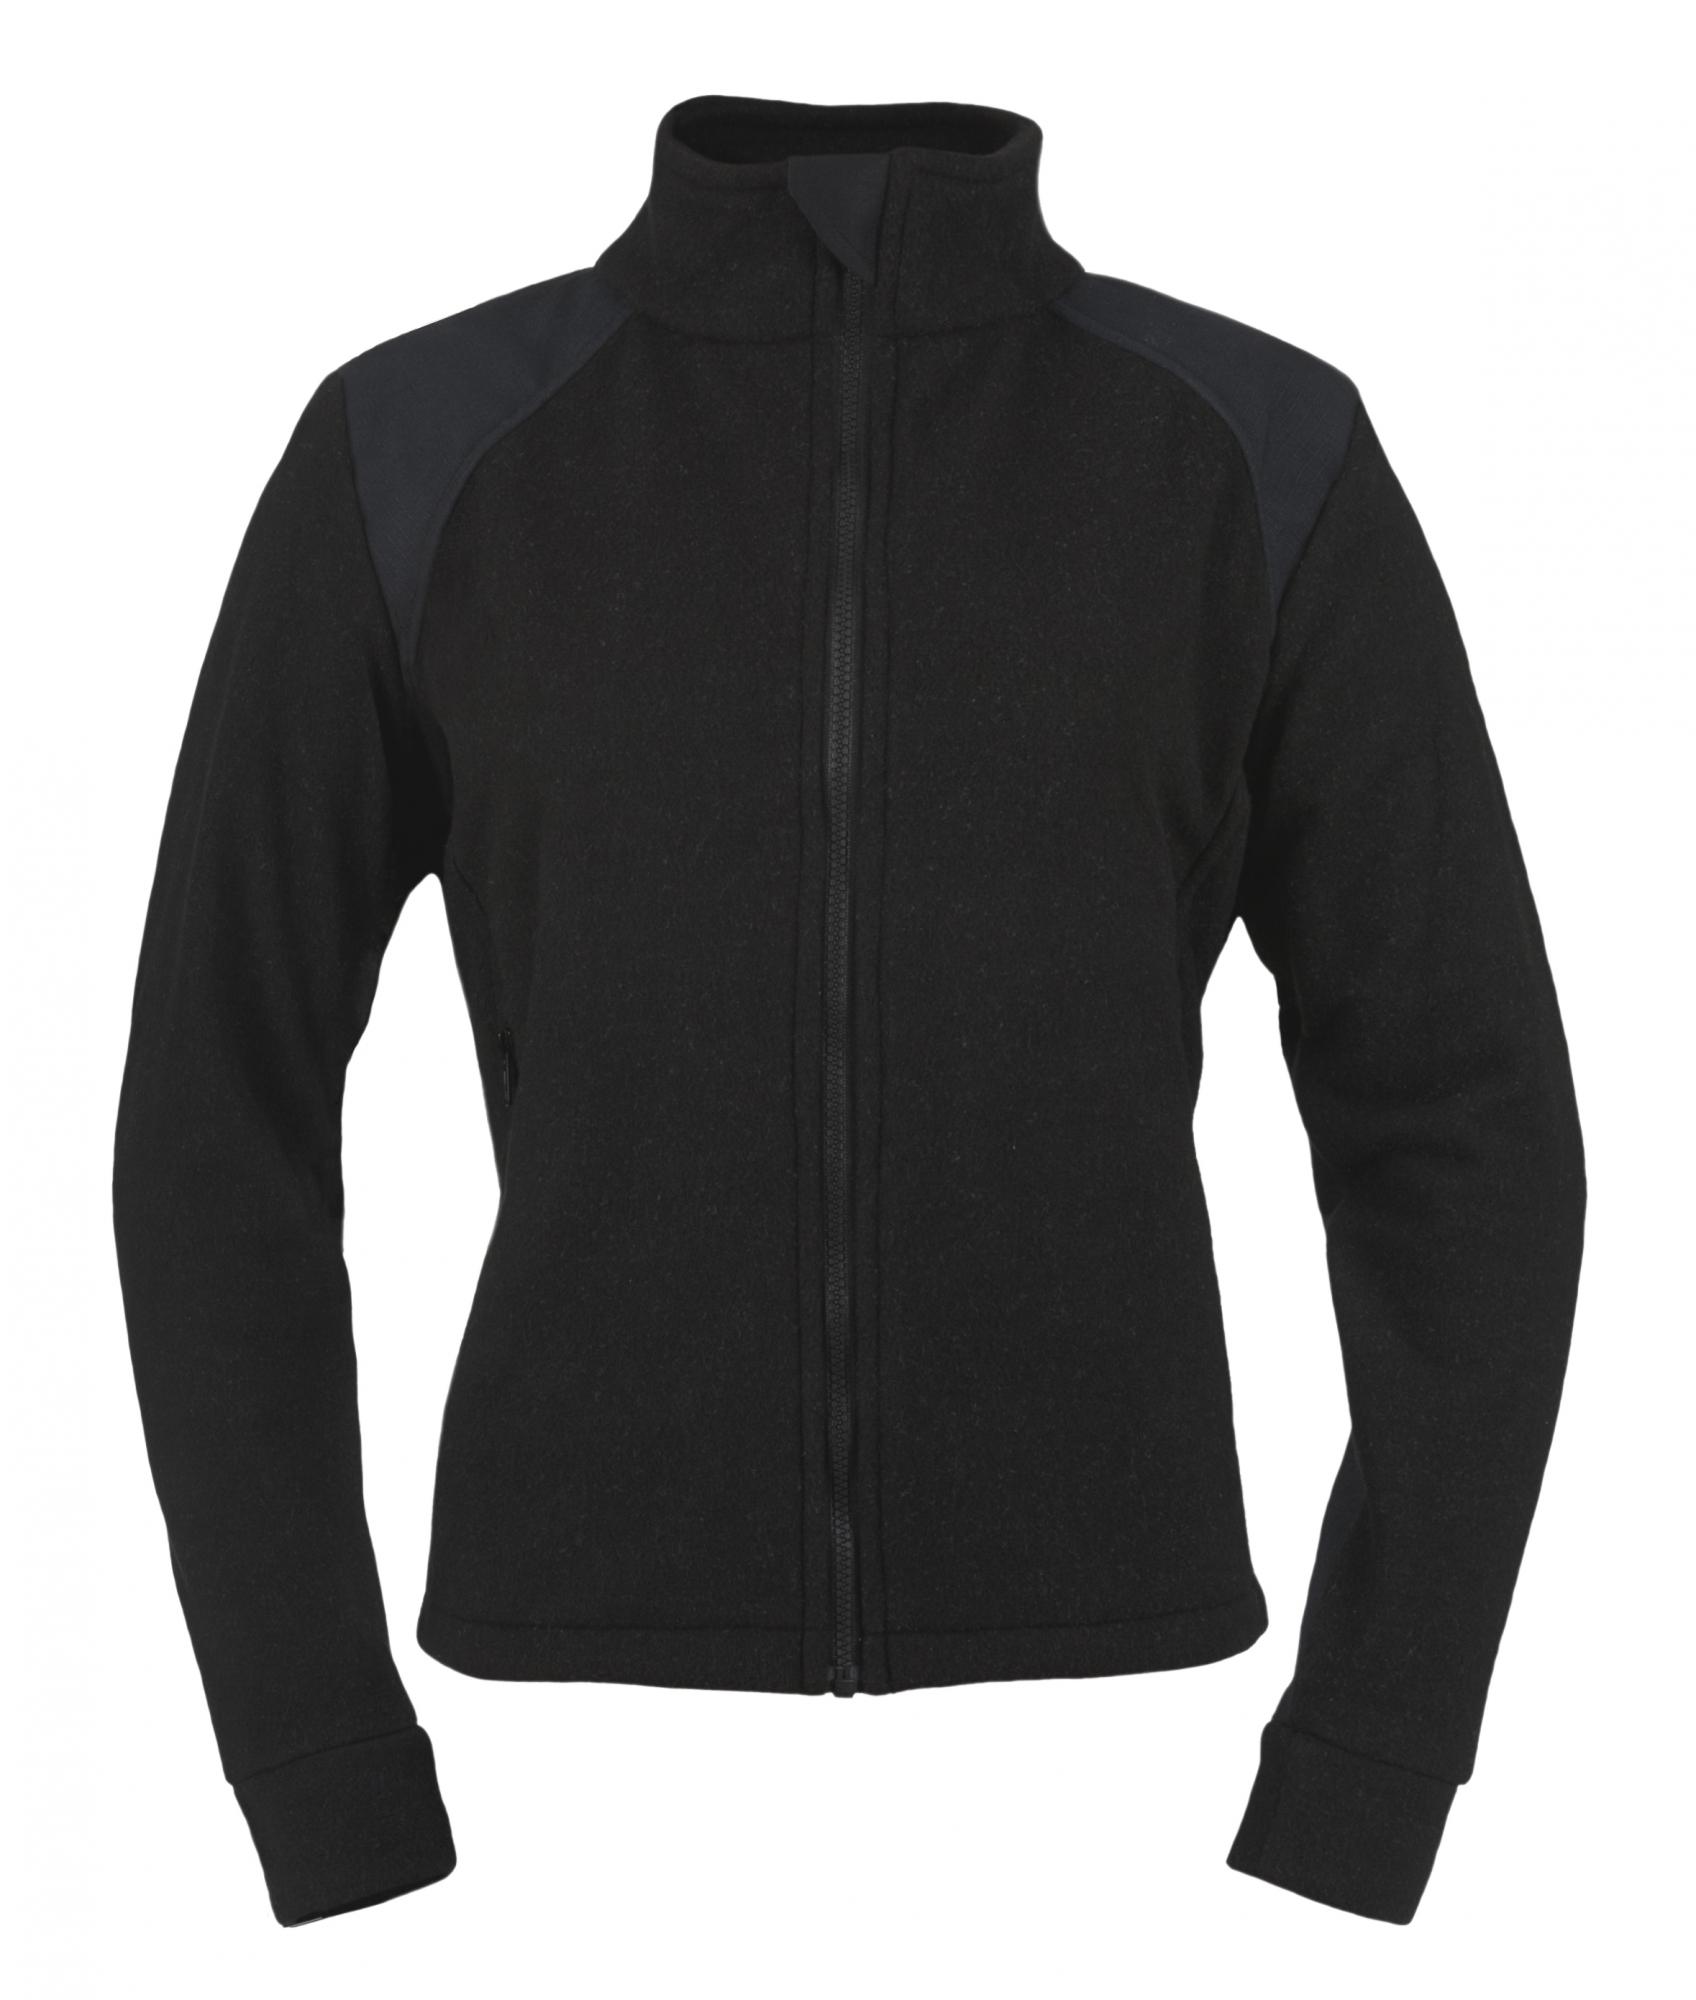 EXXTREME Fleece Jacket - Womens - Wildland Warehouse | Gear for Wildland Fire